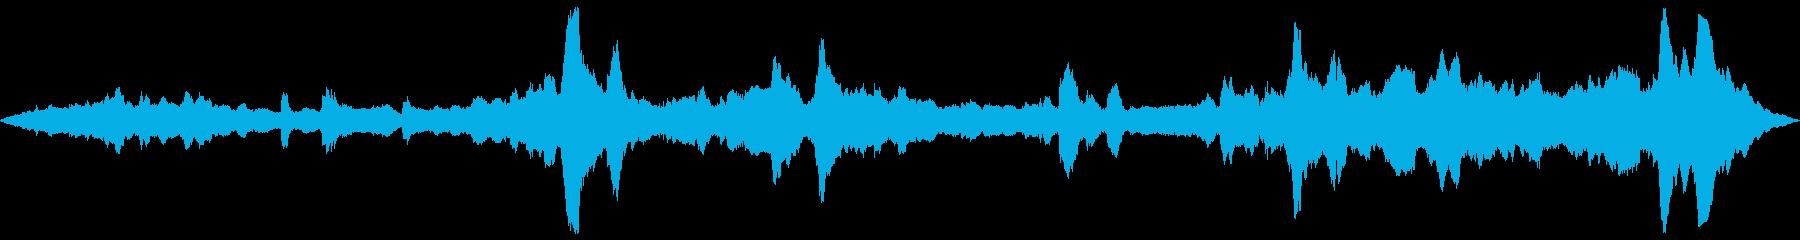 低振動バイブレーション電気、アーク...の再生済みの波形